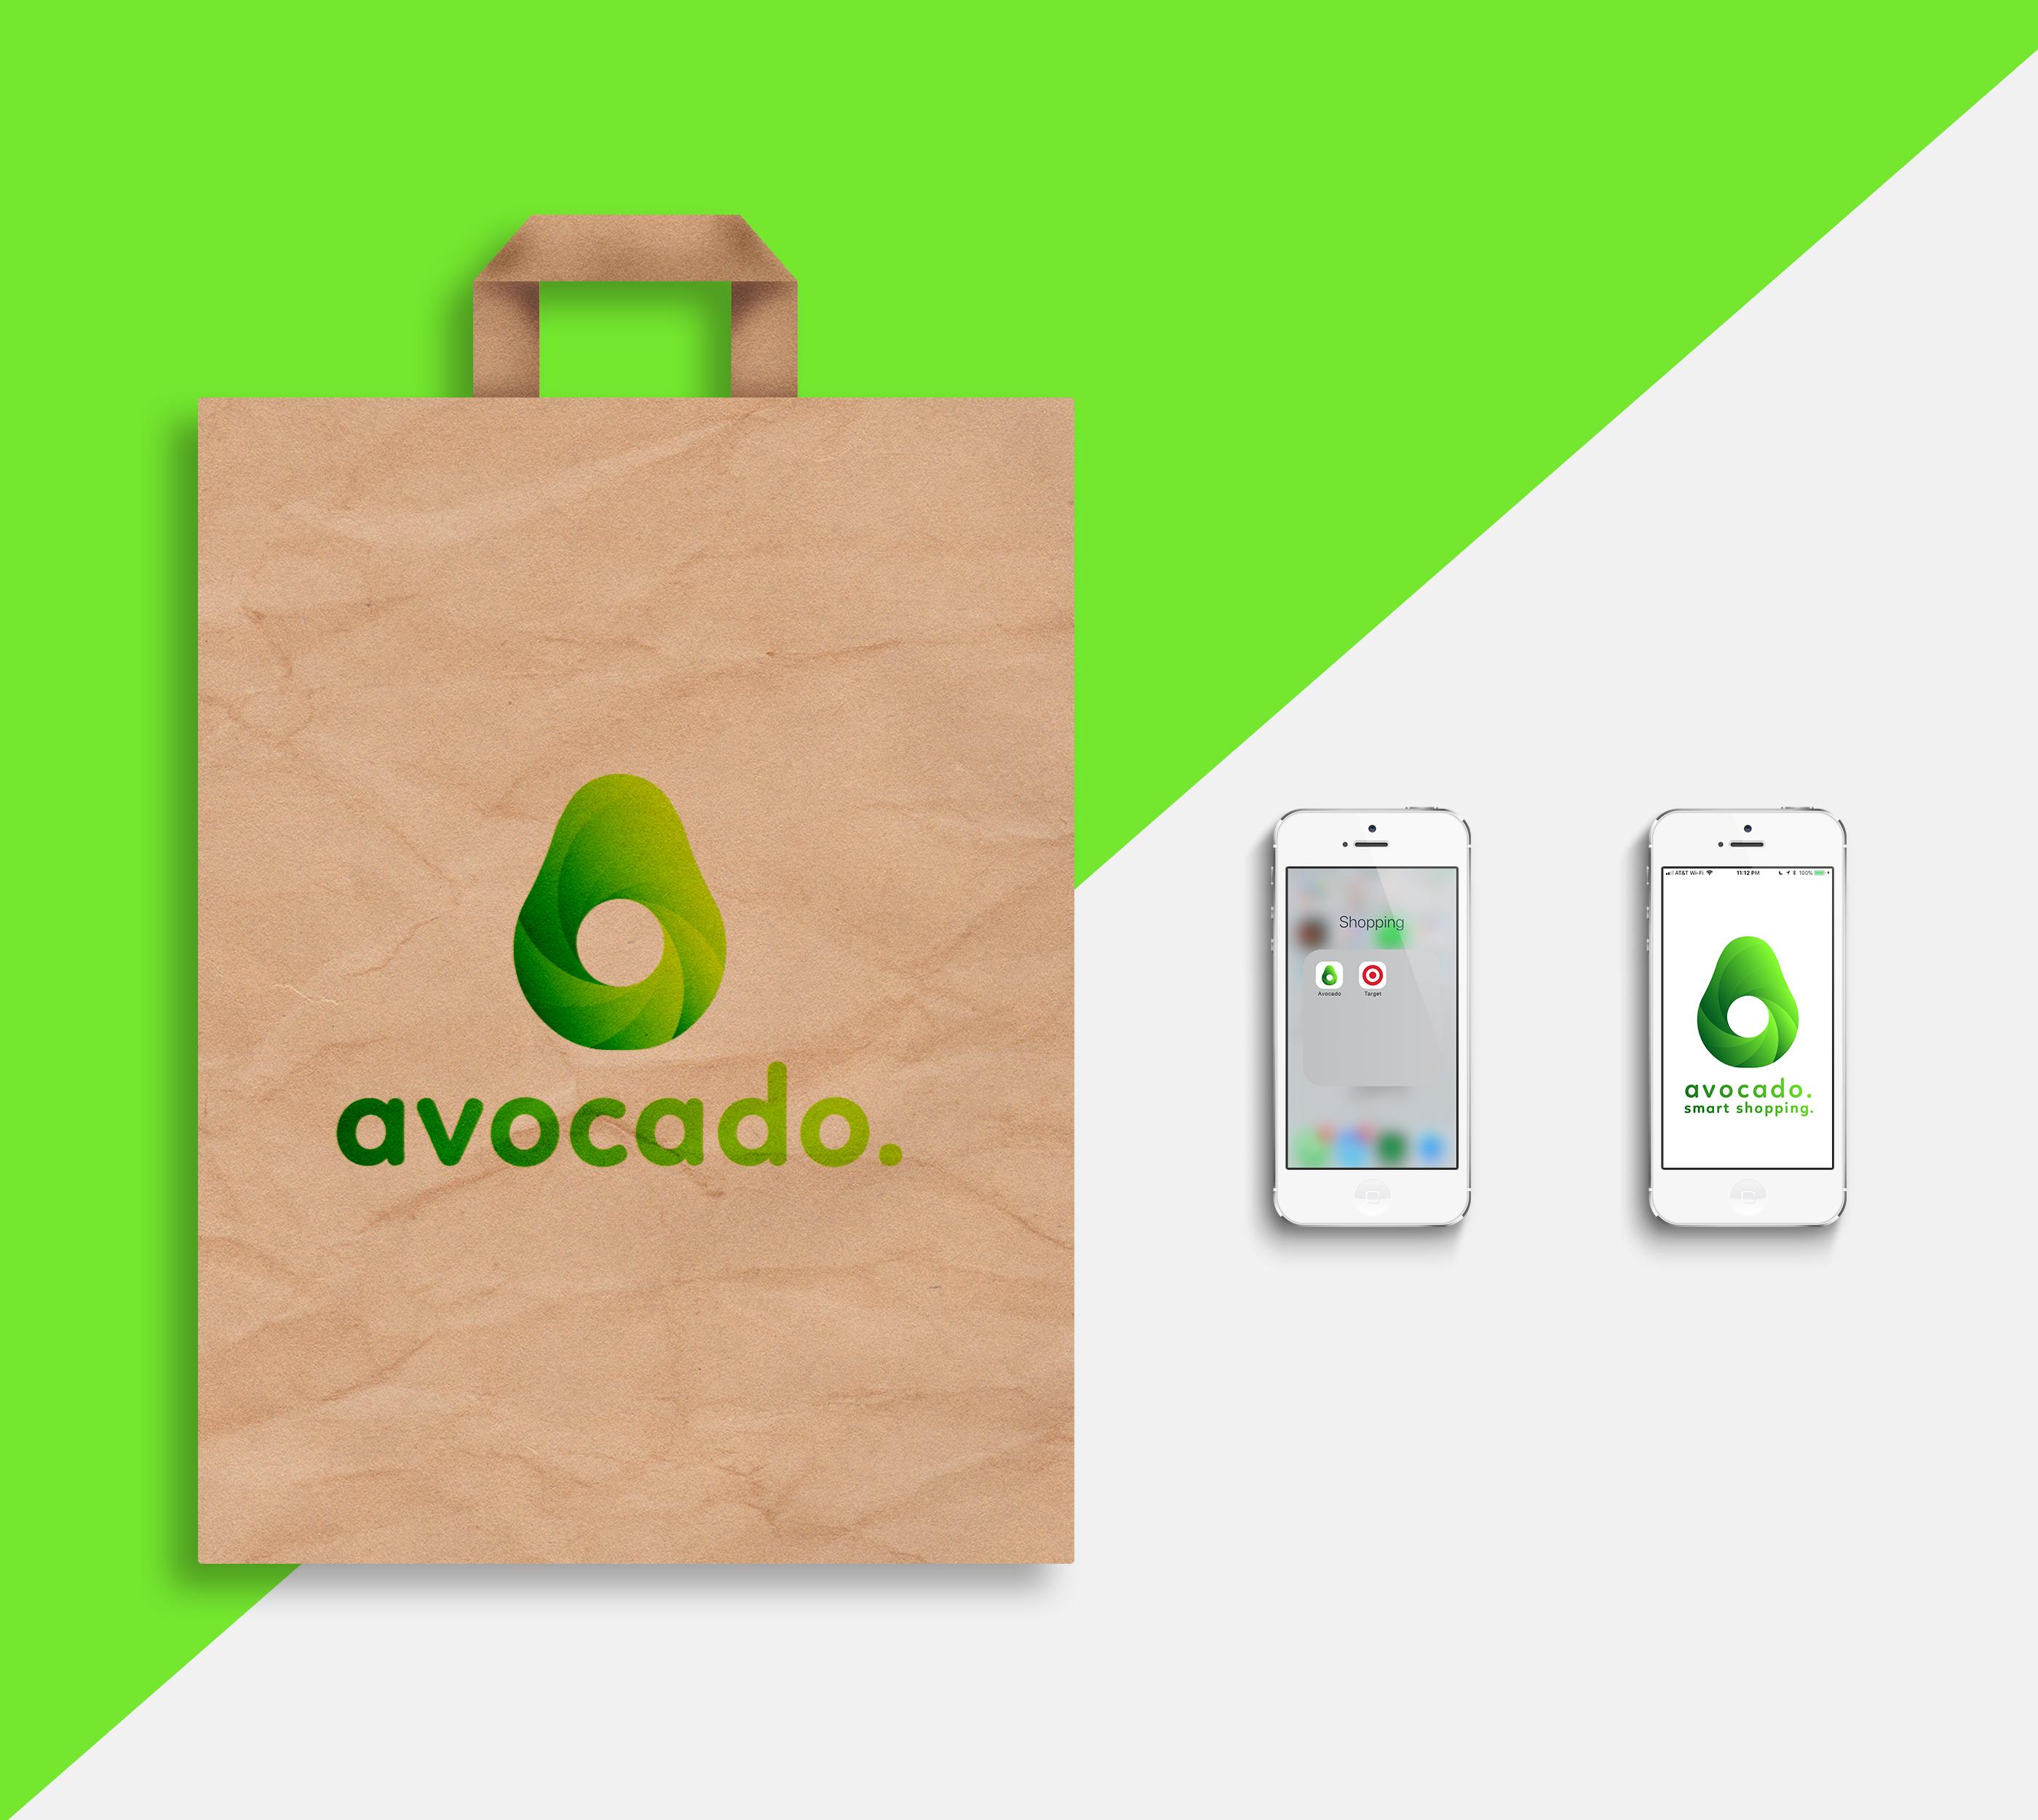 024 avocado mockup